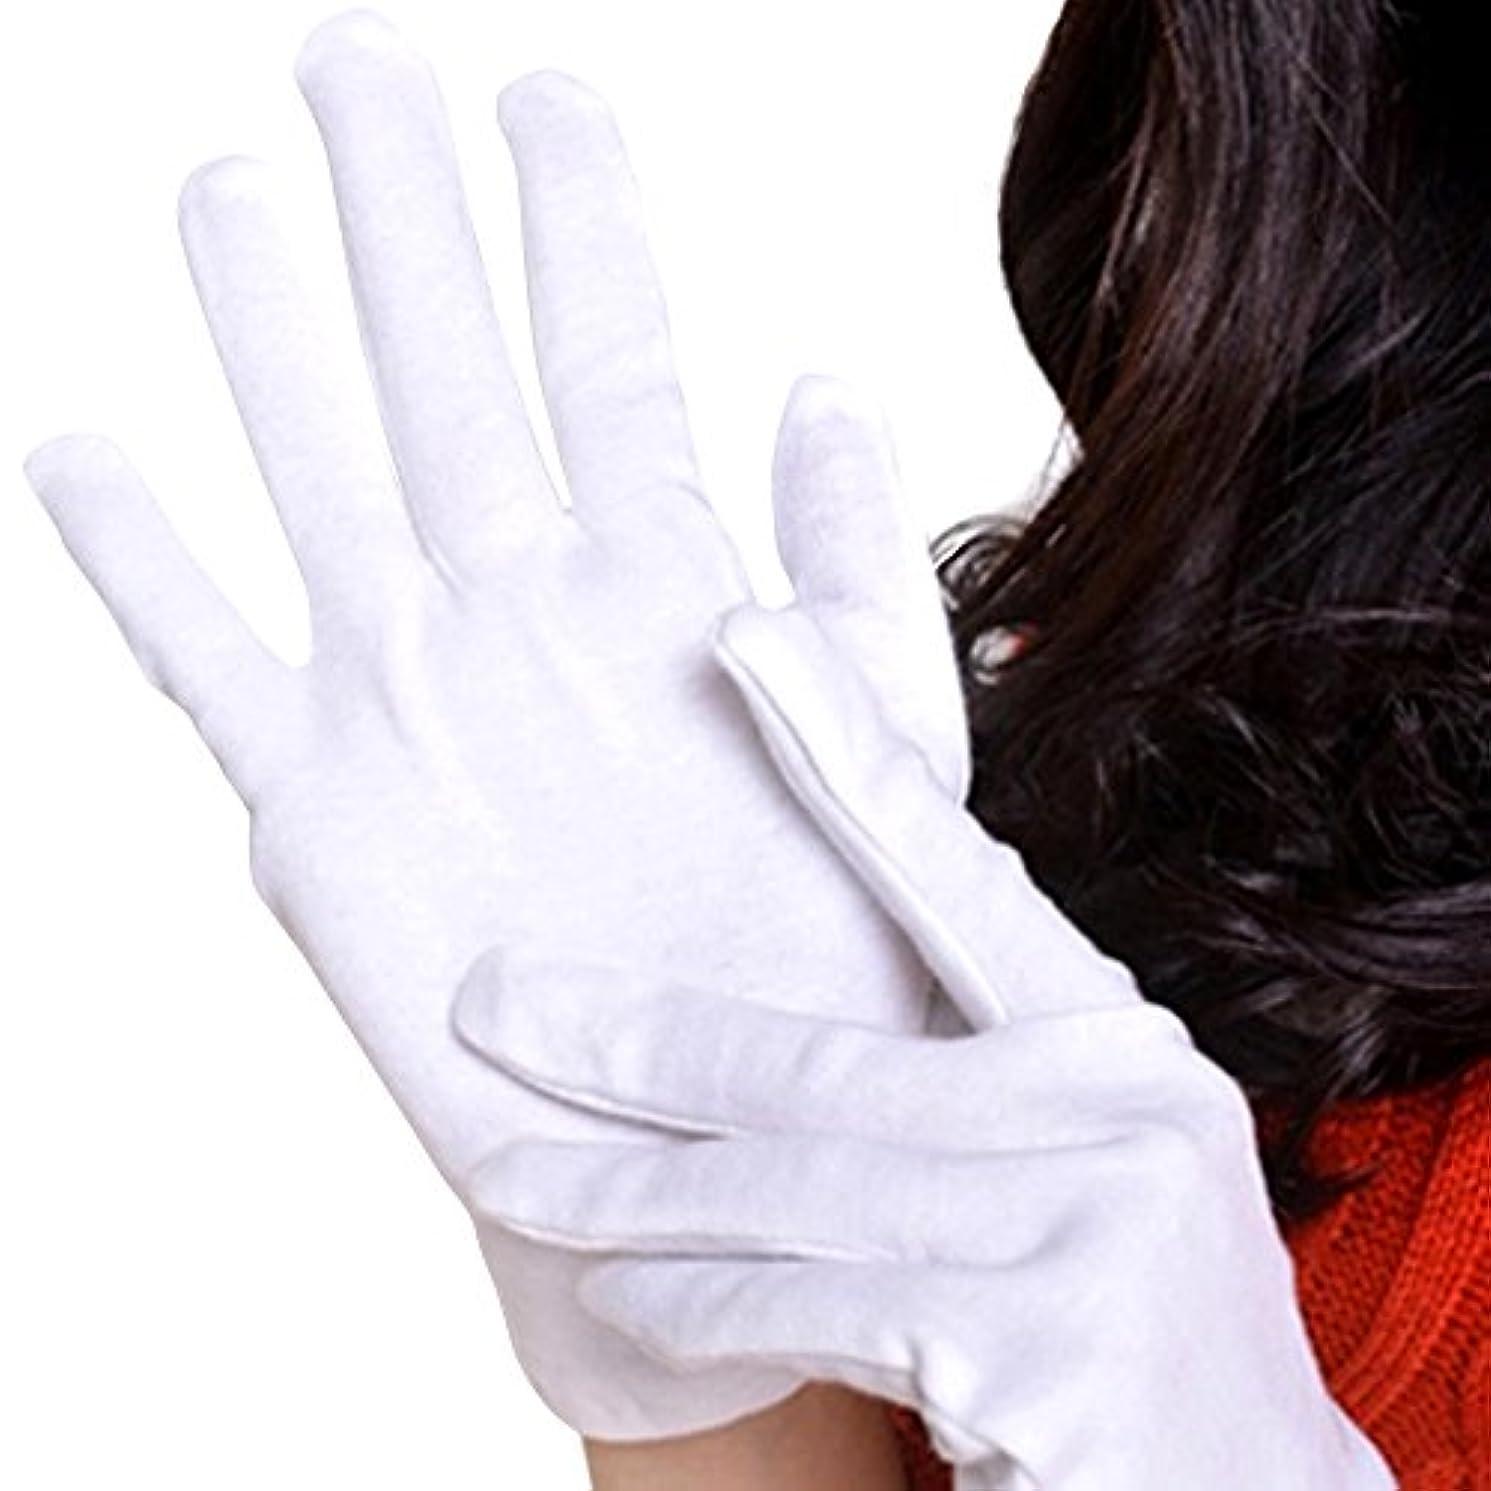 民主主義暗殺インフラ【Lucky Style】 おやすみ 手袋 綿 コットン 100% 12双組 L サイズ 白